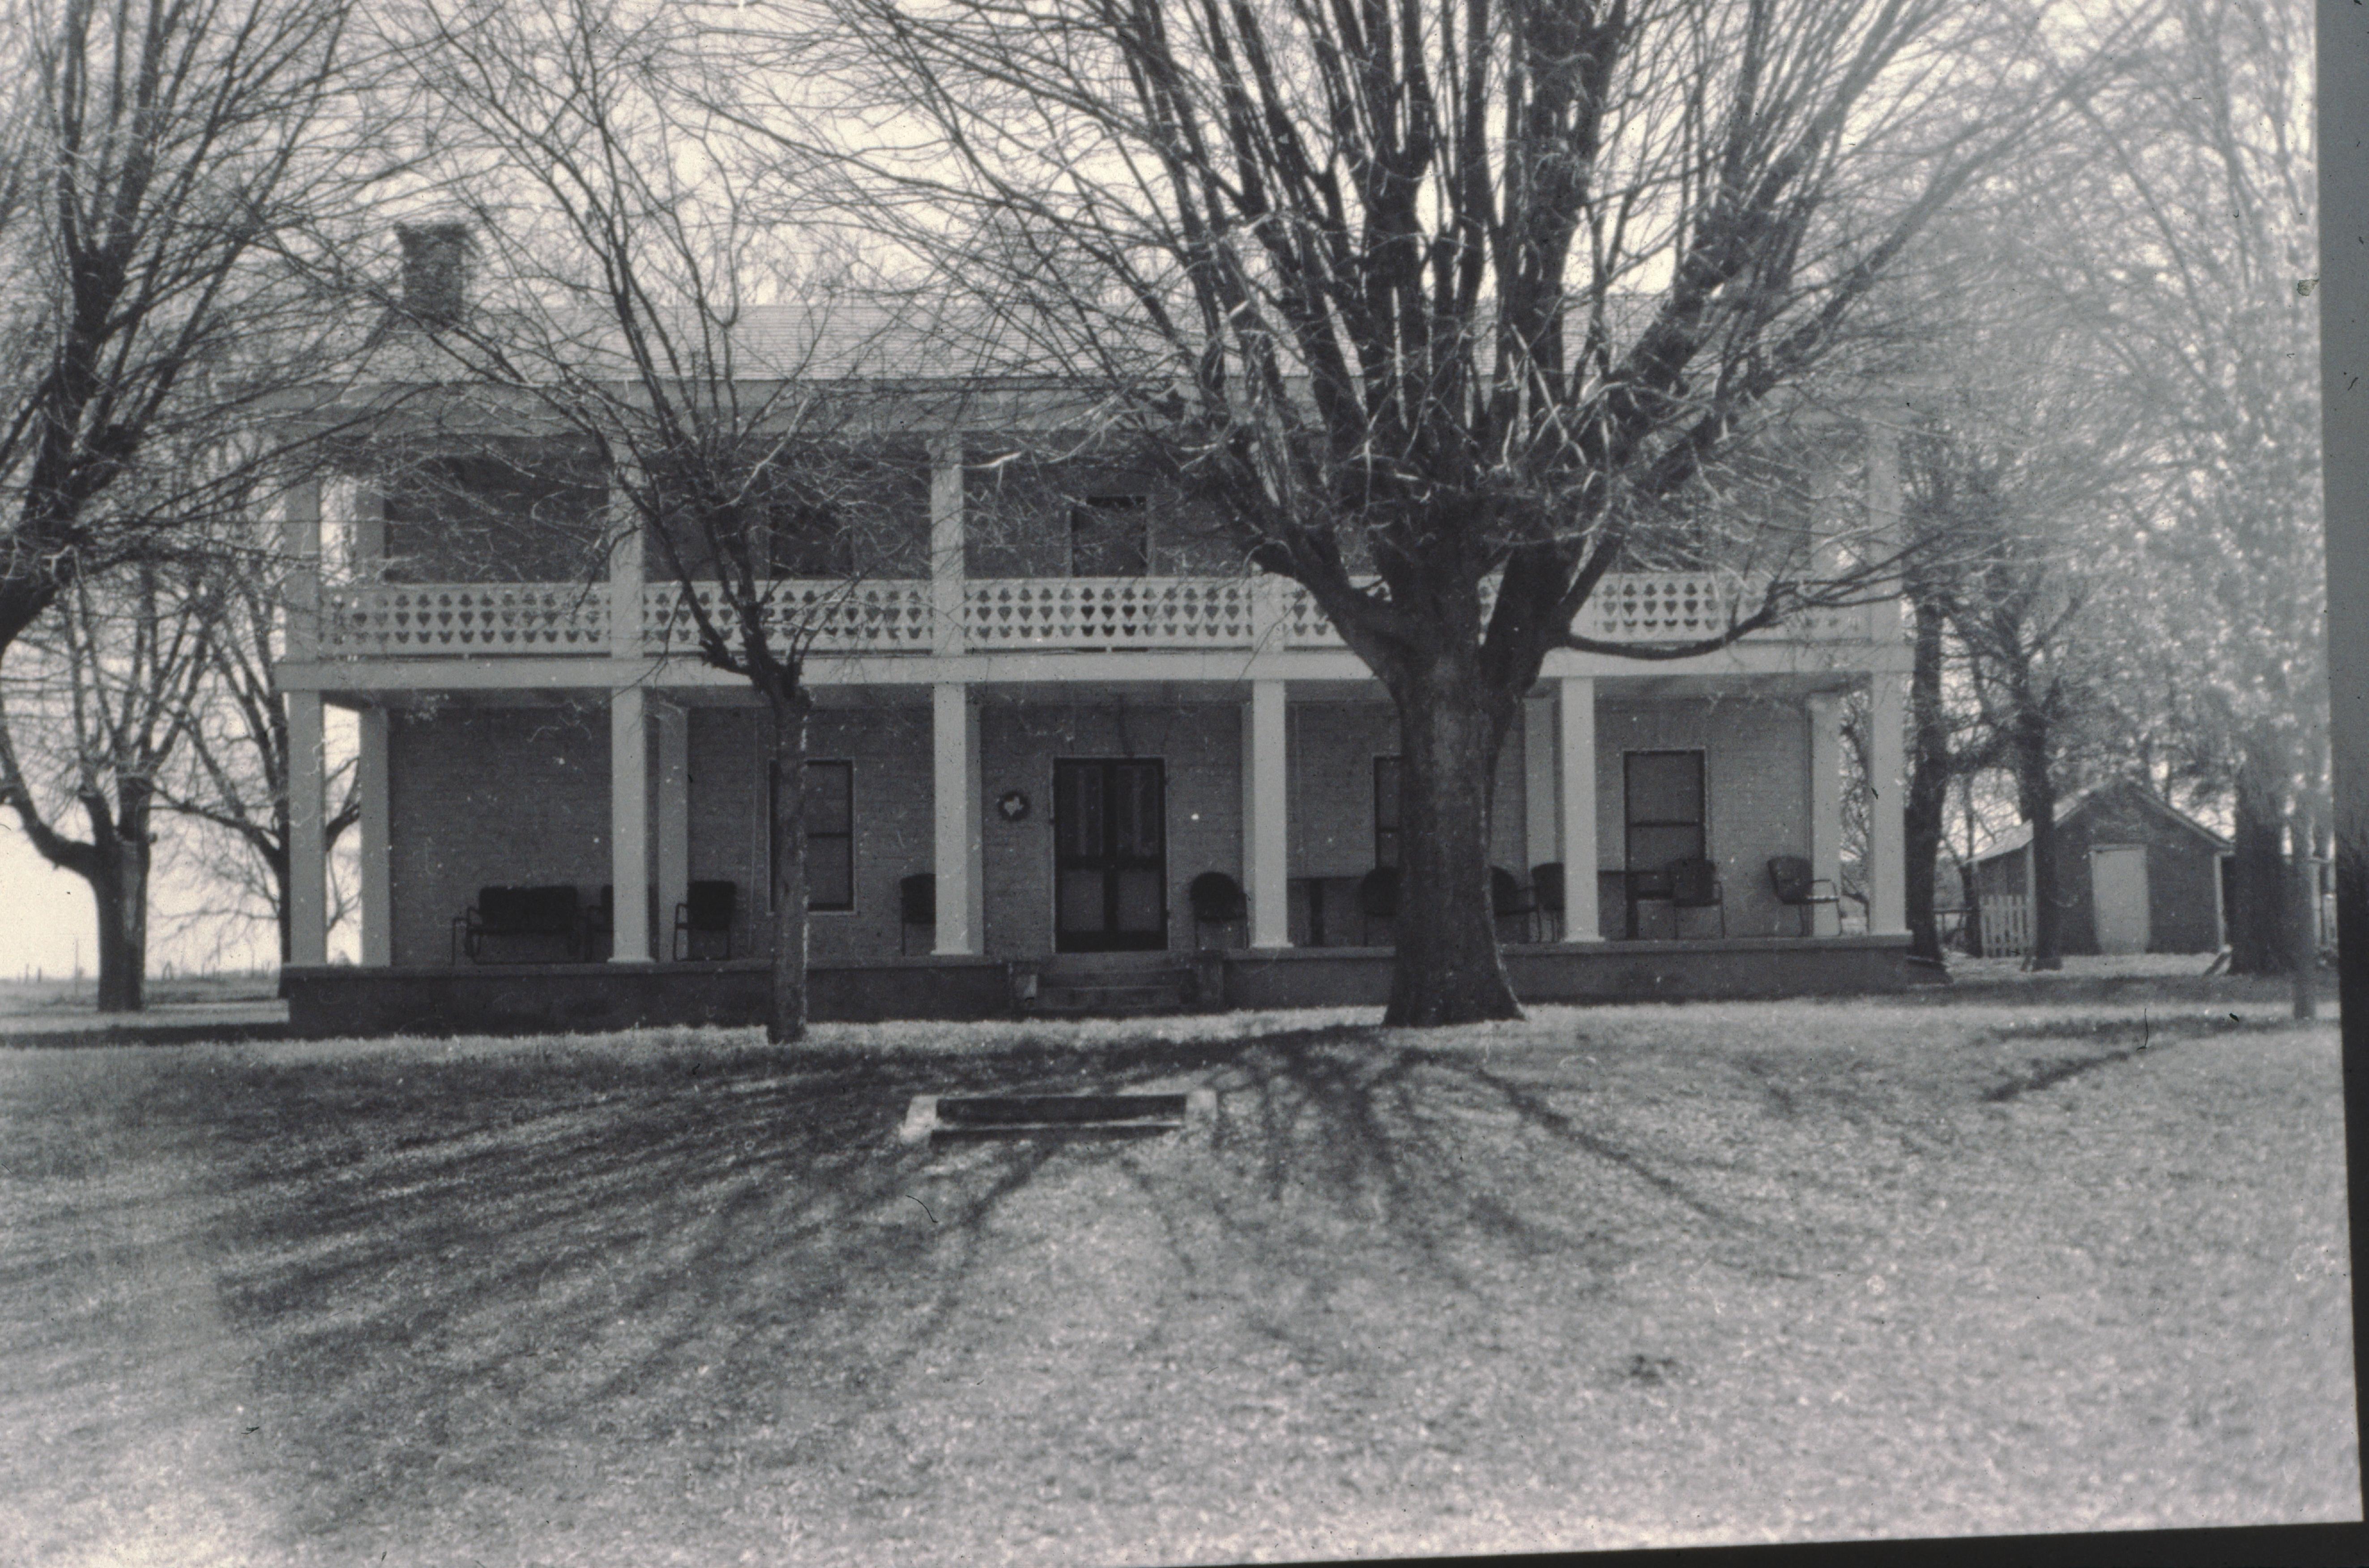 Reeder-Omenson House